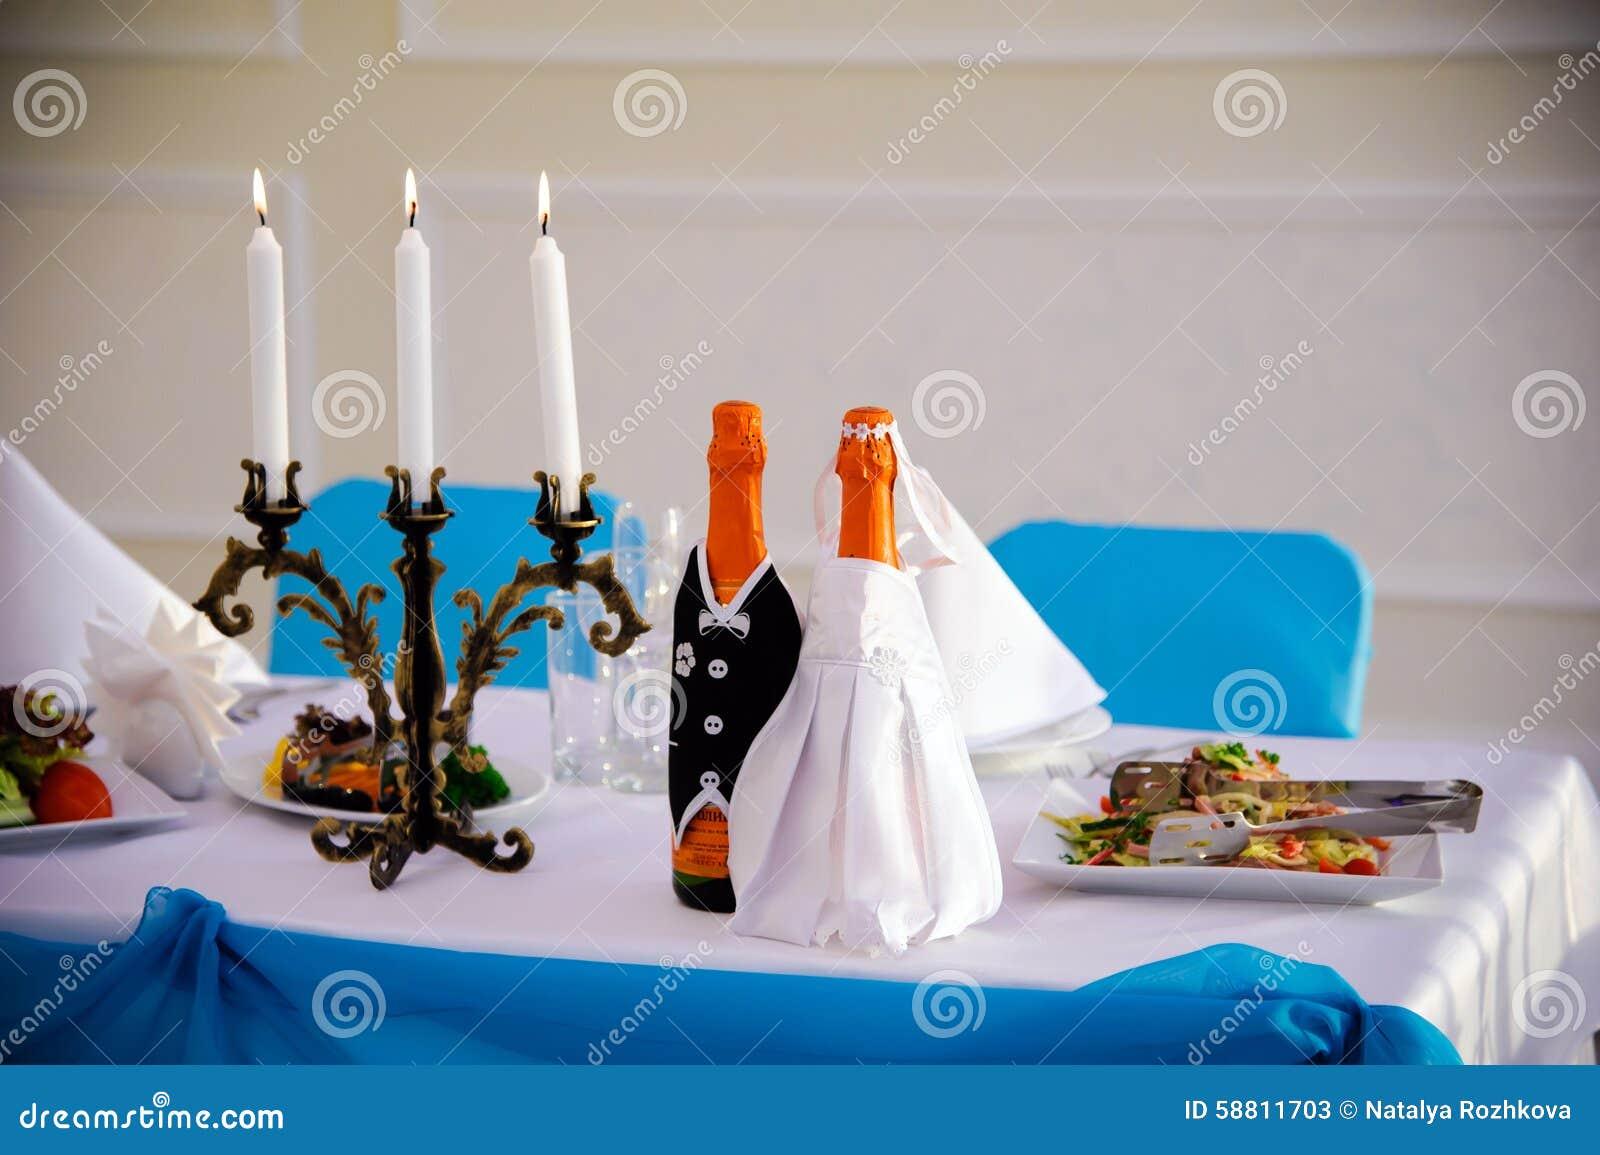 Wedding Bottle Groom